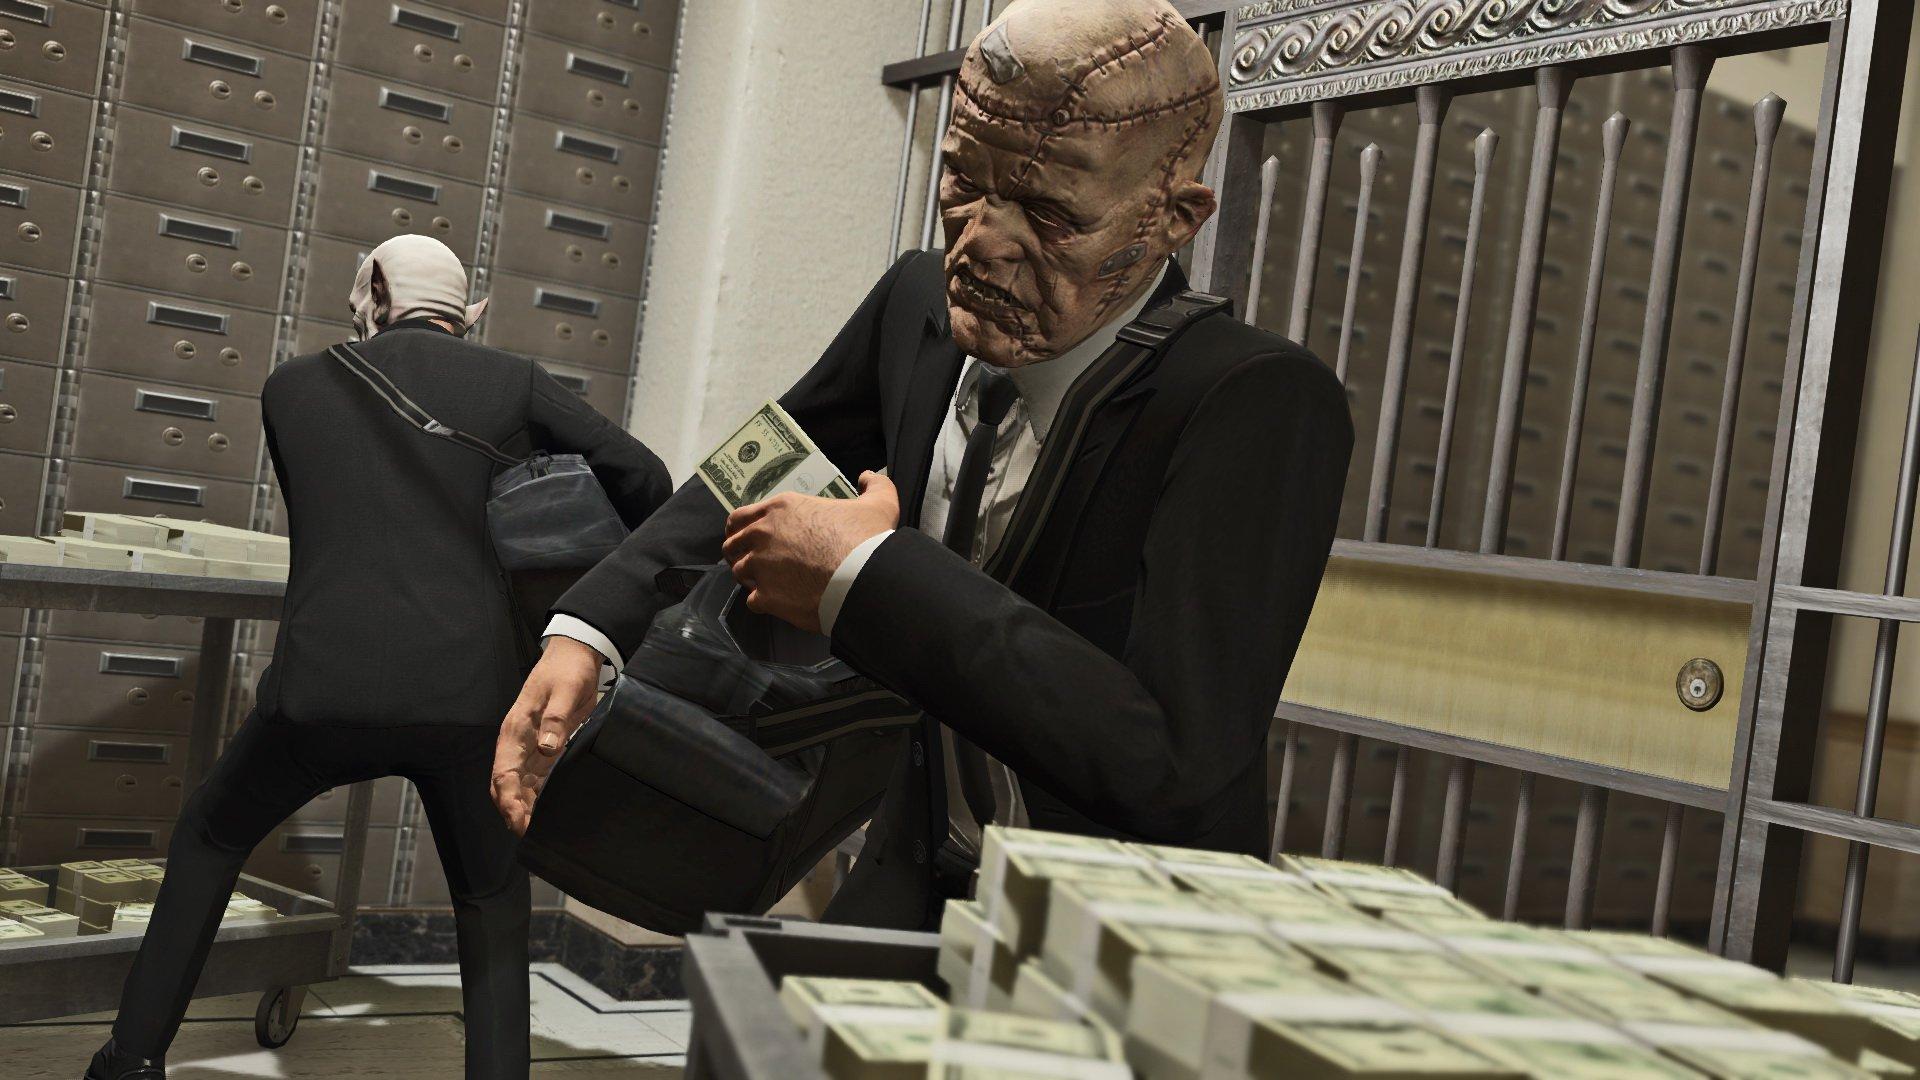 La fábula del ladrón de bancos